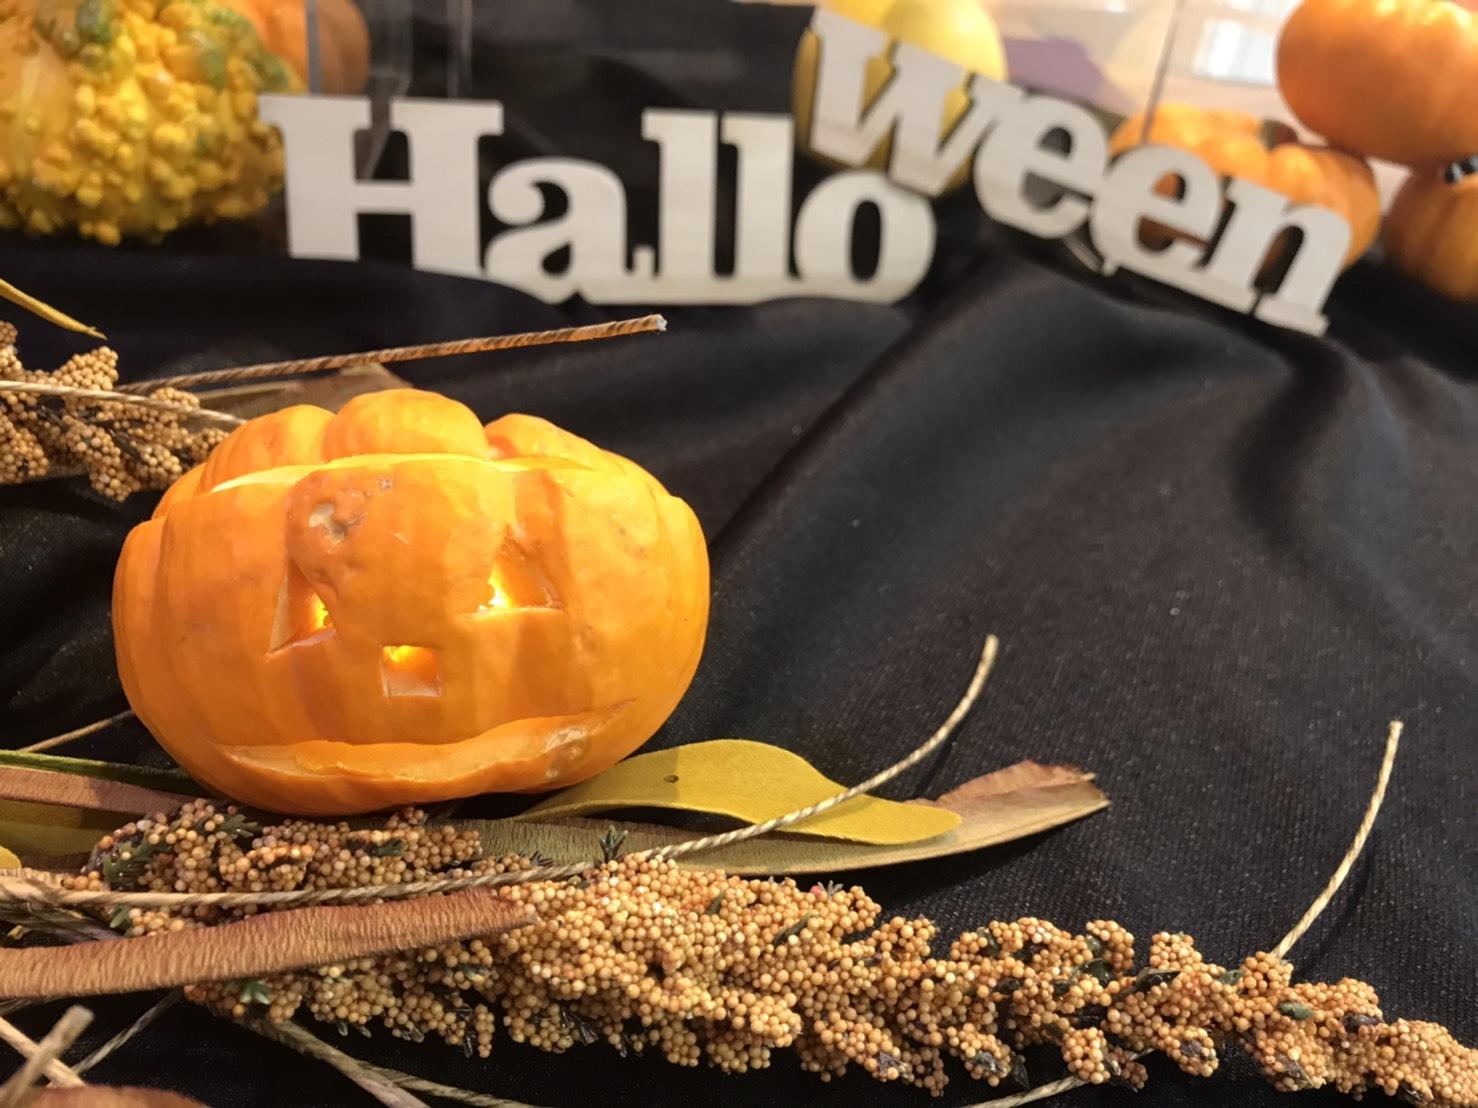 【特別ワークショップ】本物かぼちゃで「ジャック・オ・ランタン」づくり